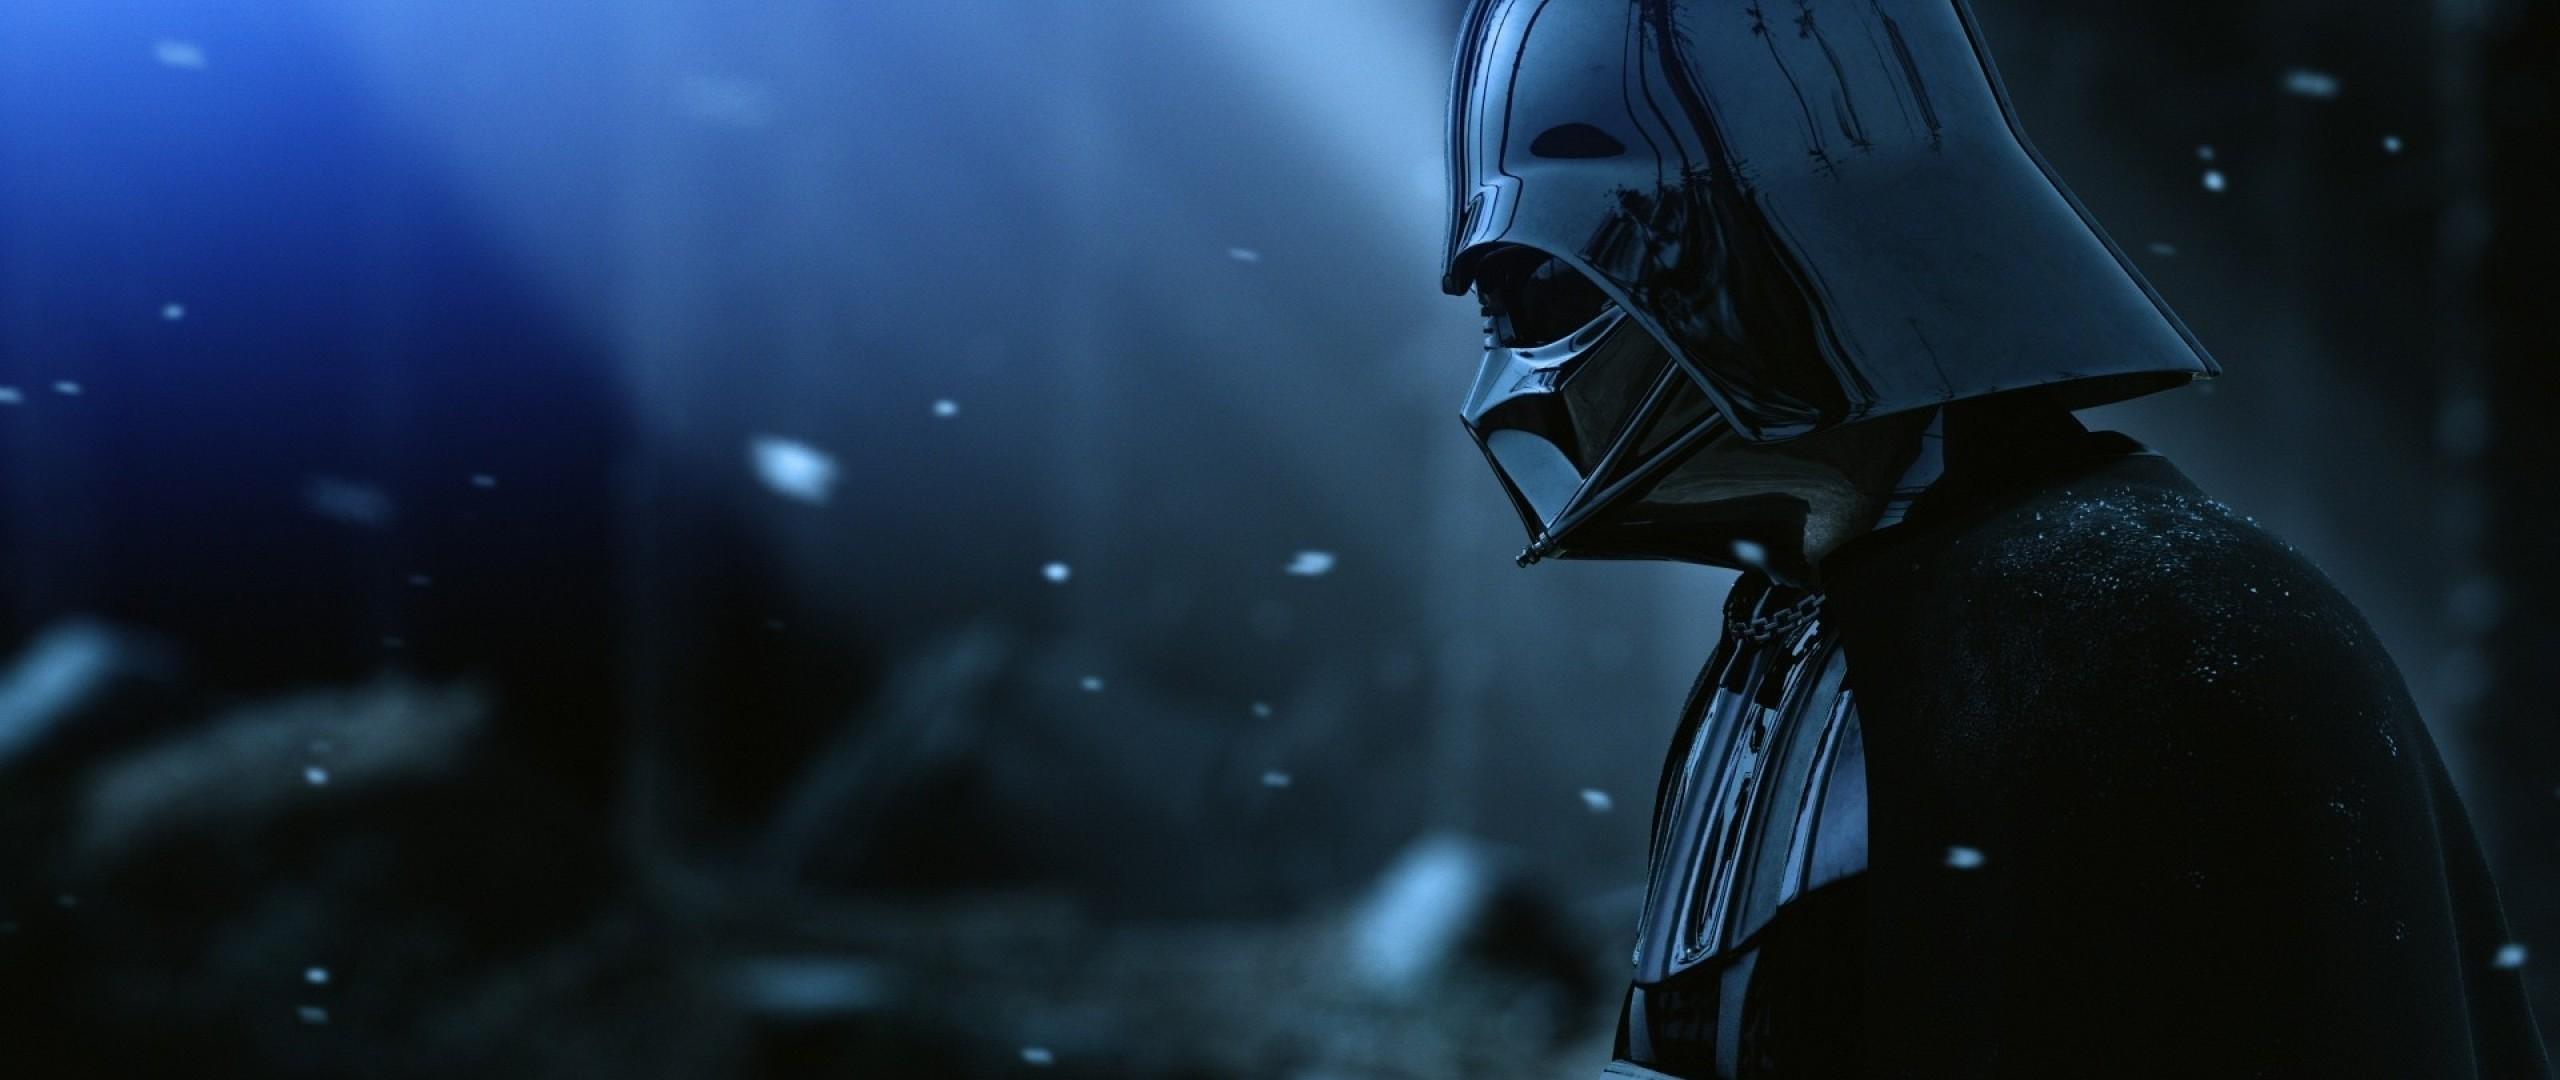 2560x1080 Wallpaper Darth Vader Armor Star Wars Film Hat Snow